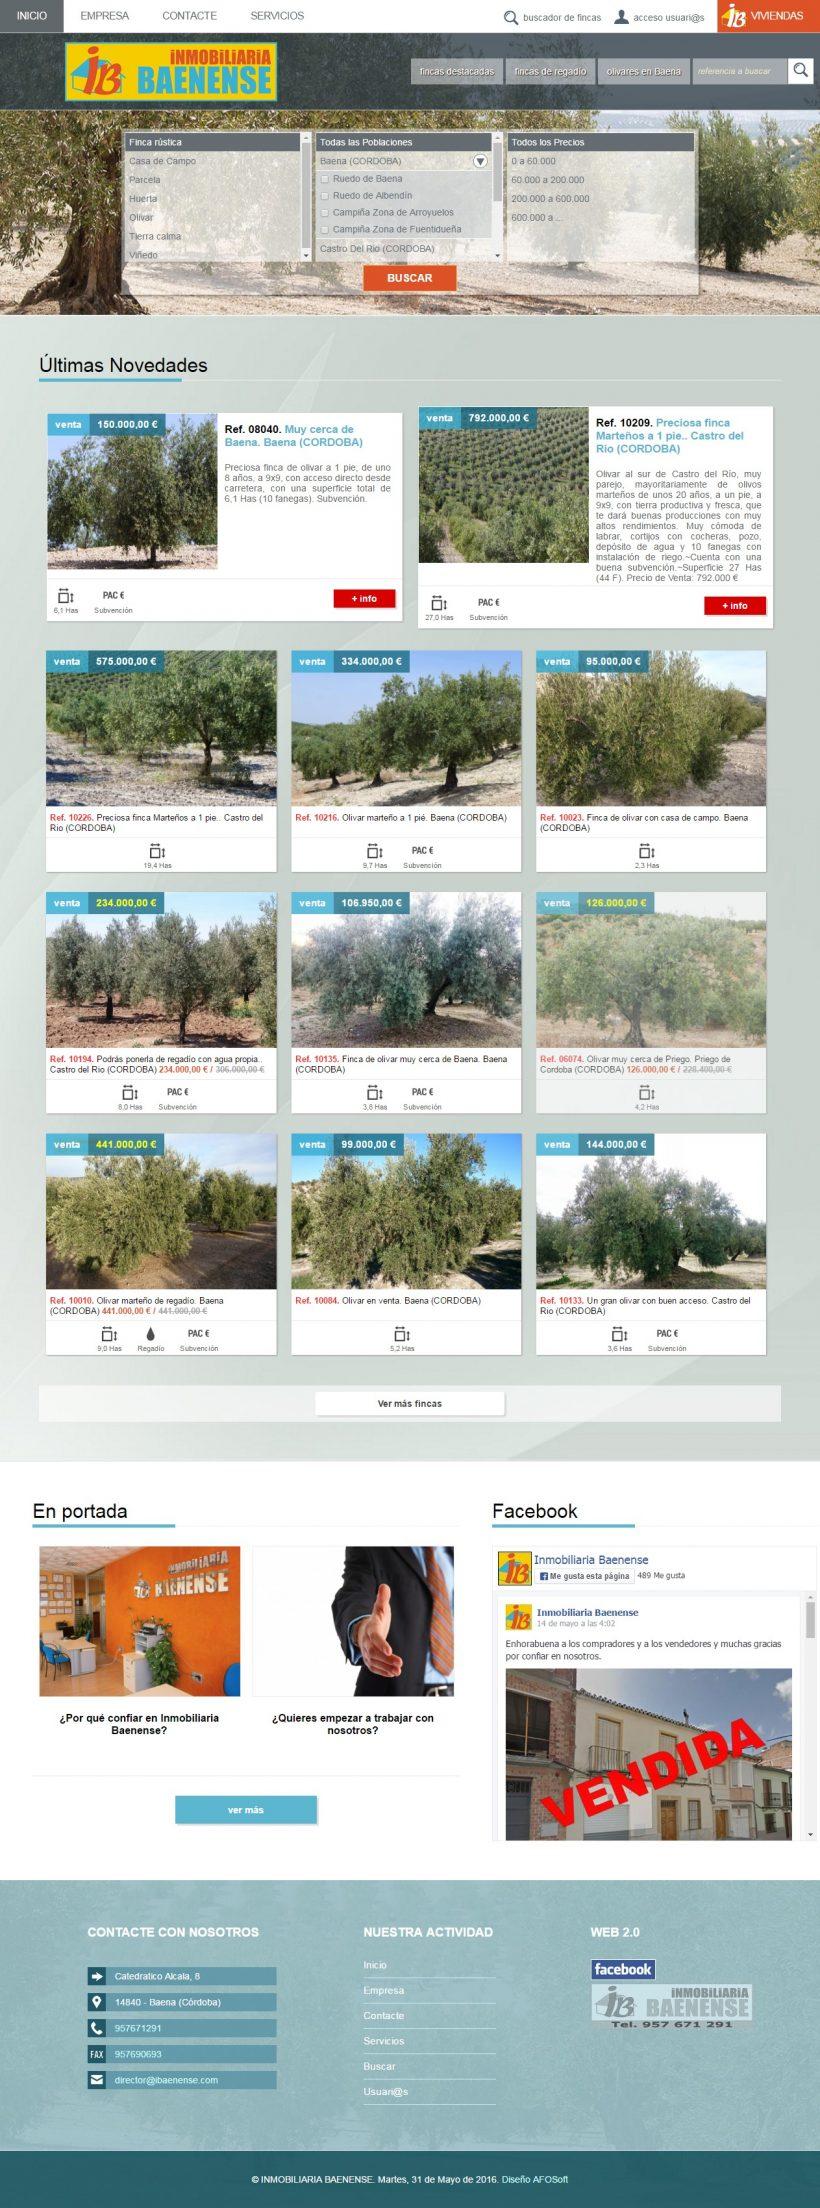 Web de Olivares en venta